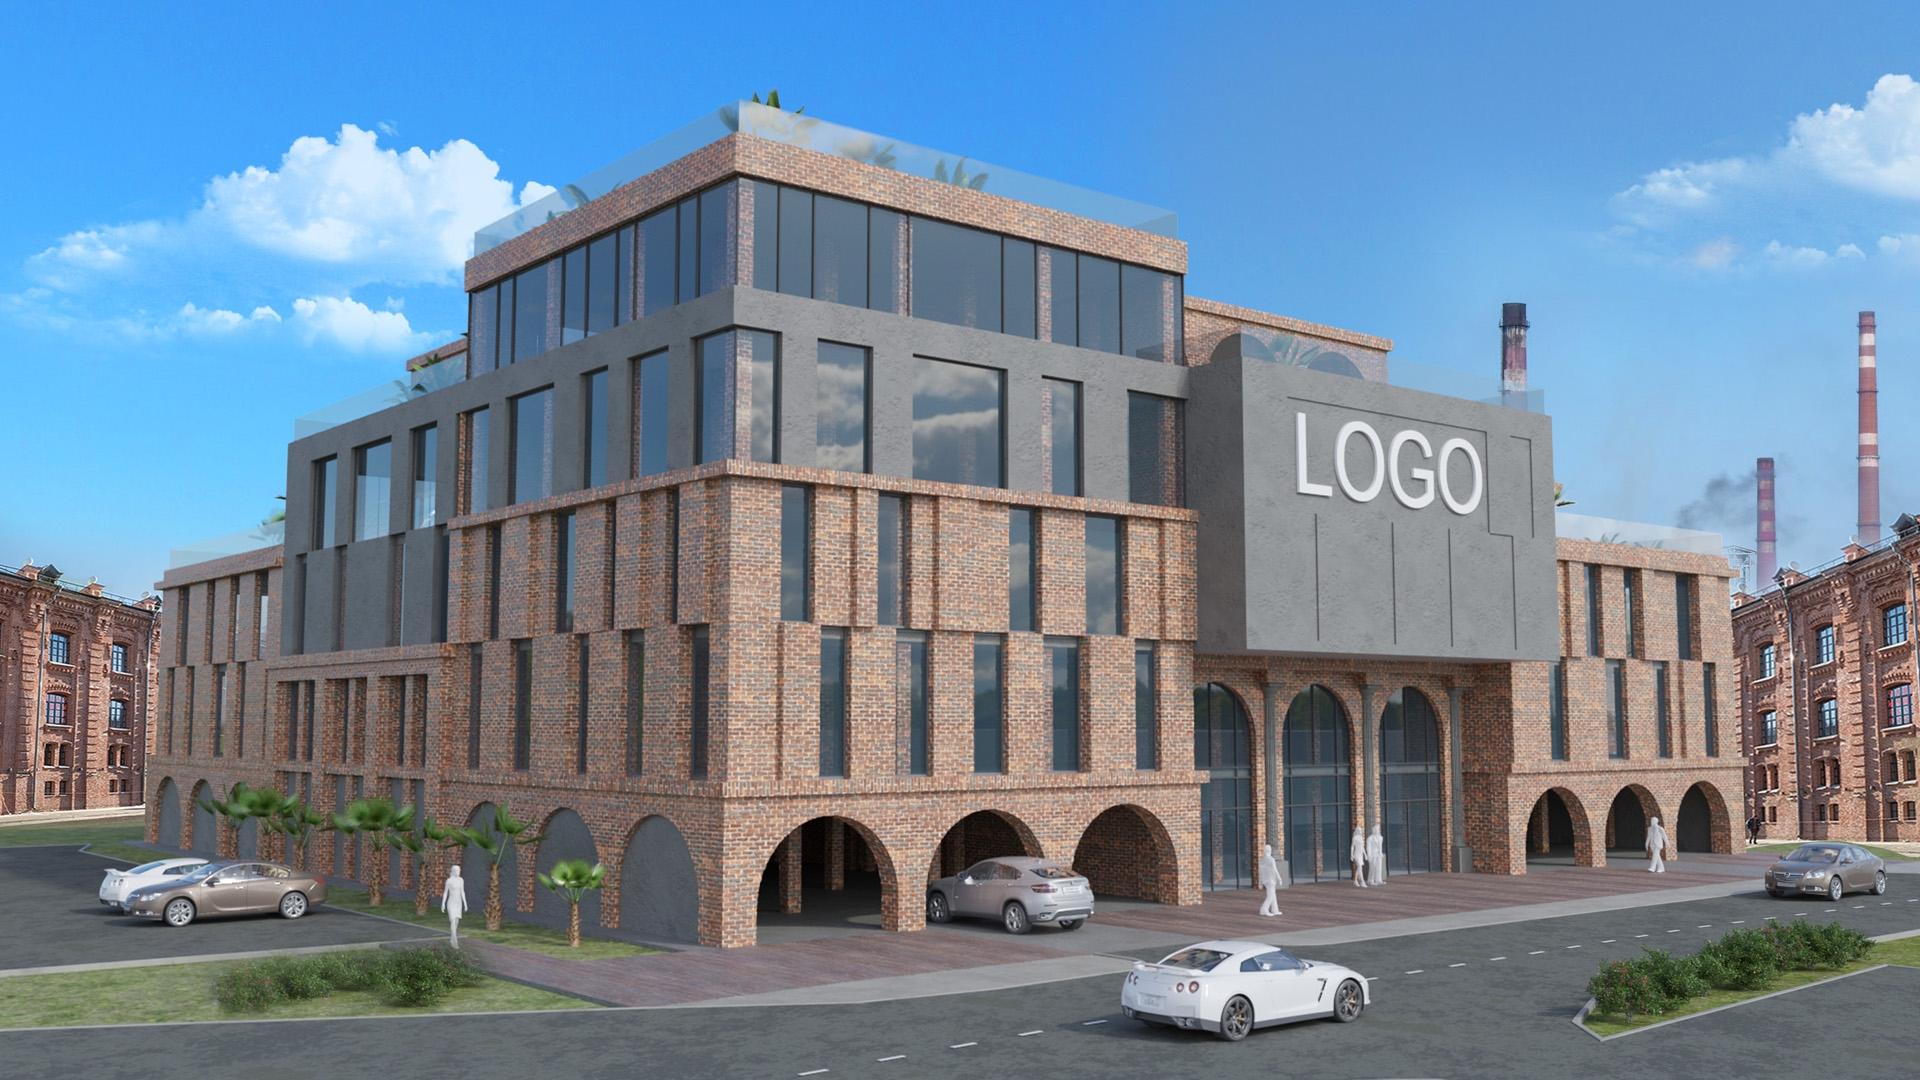 Изображение для проекта Концепт бизнес центра в промзоне 2101